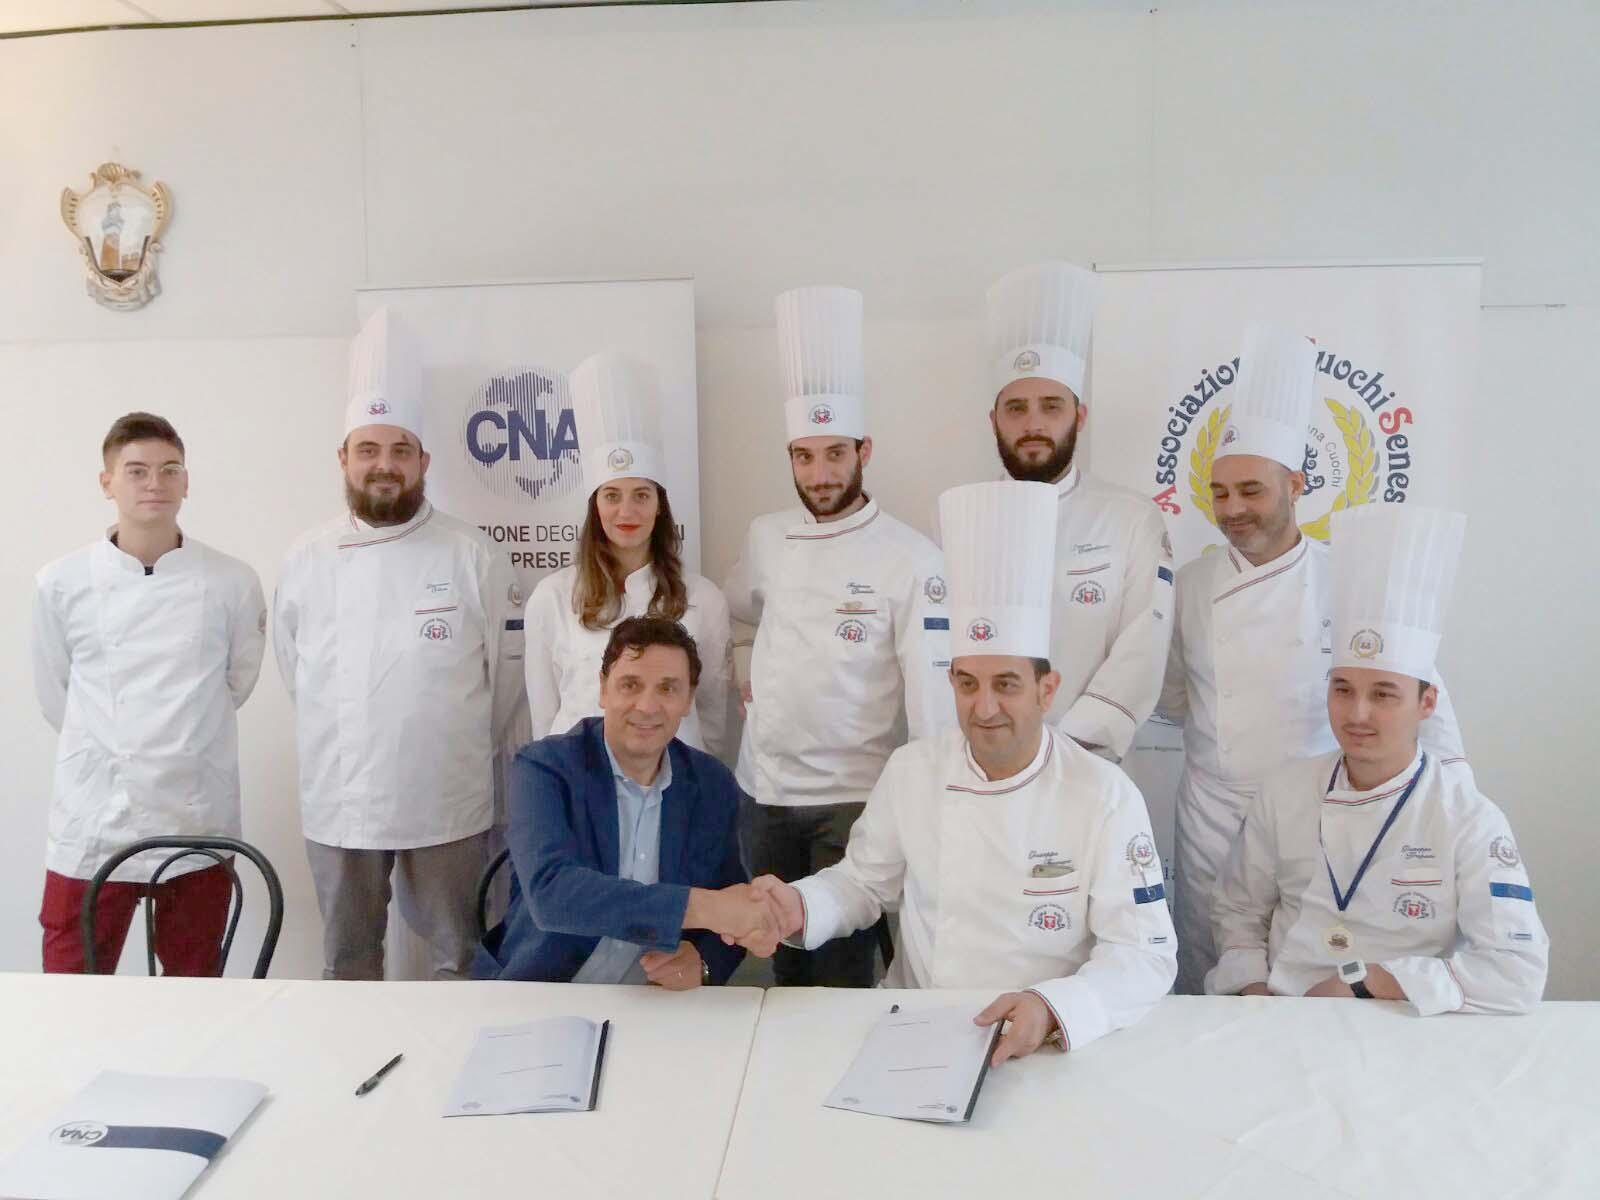 Accordo fra Cna e Associazione Cuochi Senesi, nuova sinergia per il settore gastronomico e della ristorazione